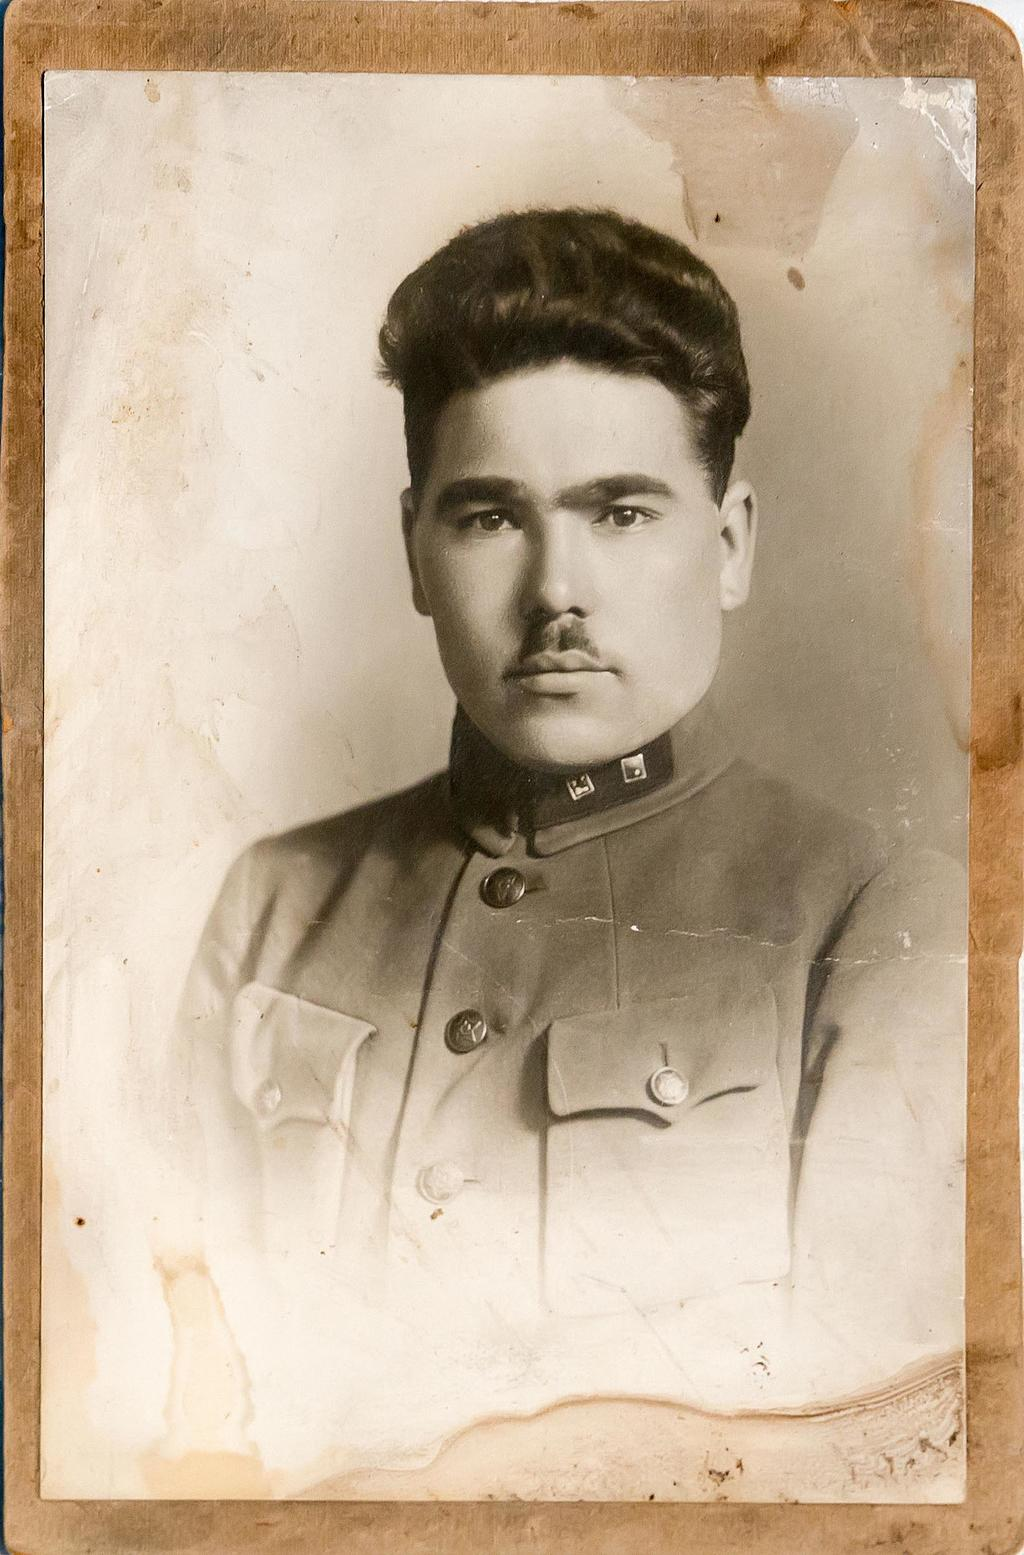 Фото. Подгрудной портрет Б.Юсупова от 13.04.1930г.   Акт № 99-103 1995г. Фотобумага. АКМ. КП - 197/3  размер 15*10 ©Tatfrontu.ru Photo Archive